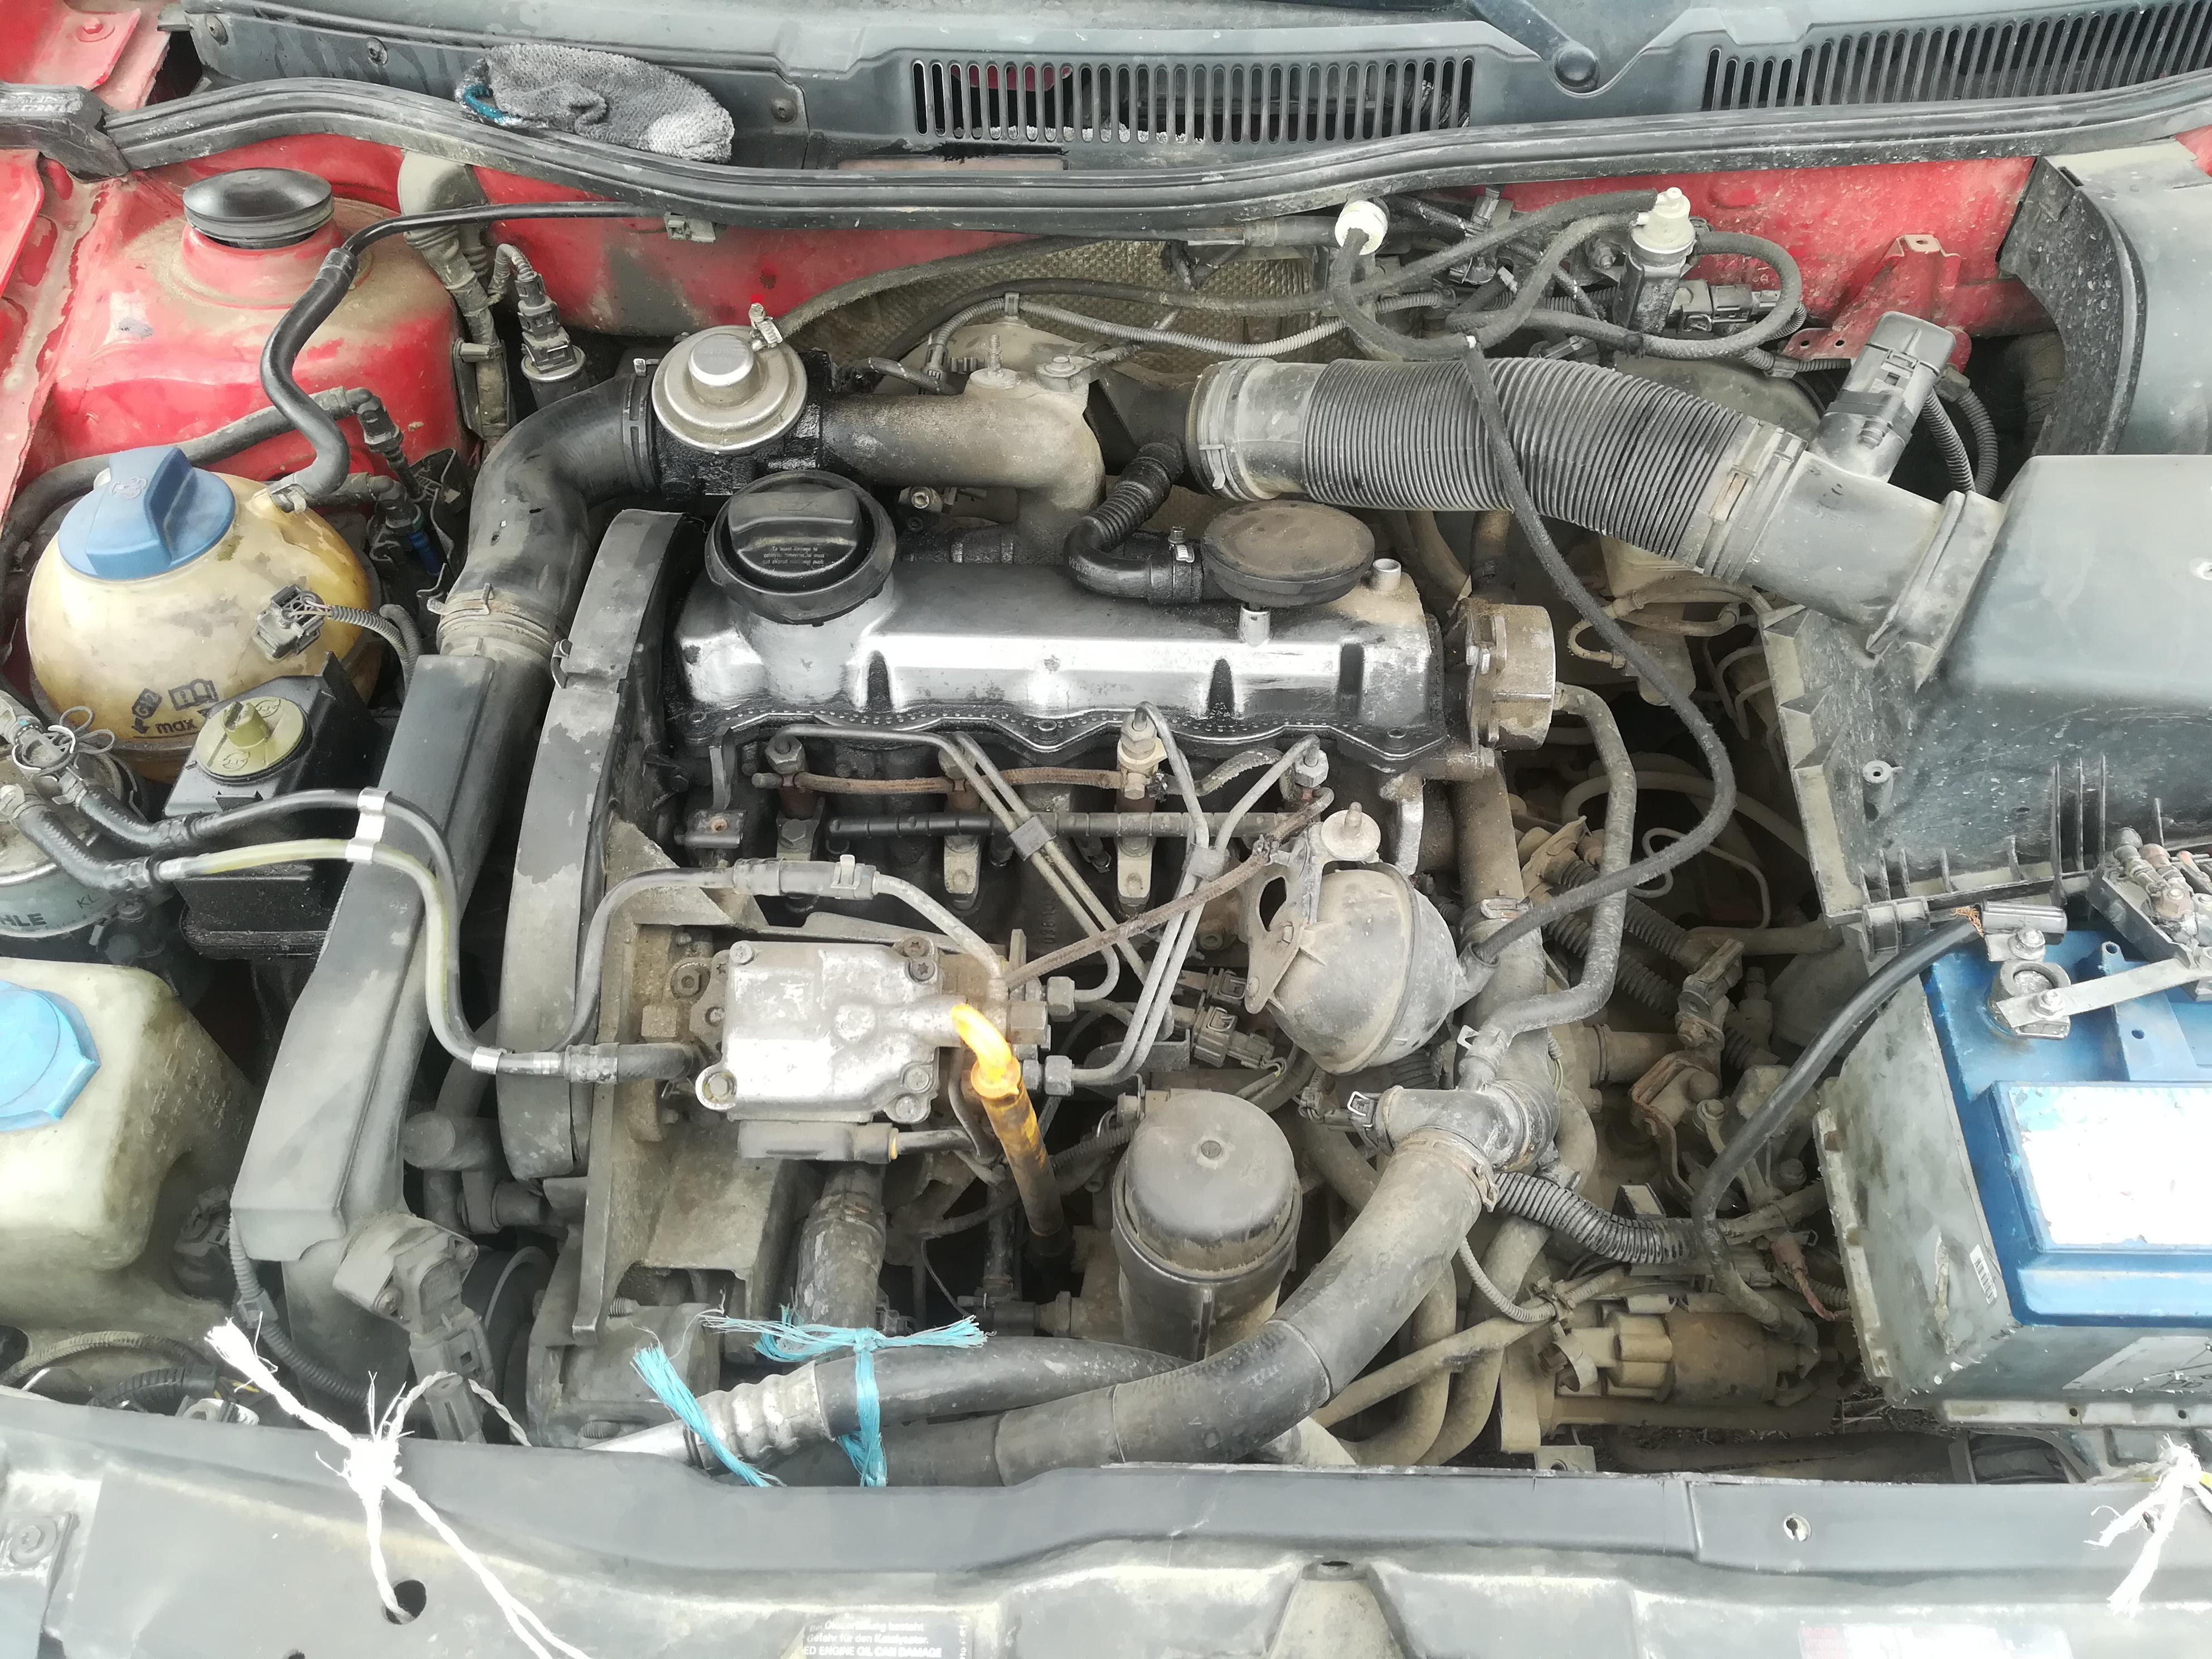 Подержанные Автозапчасти Foto 2 Volkswagen GOLF 1999 1.9 машиностроение хэтчбэк 2/3 d. красный 2019-4-11 A4414